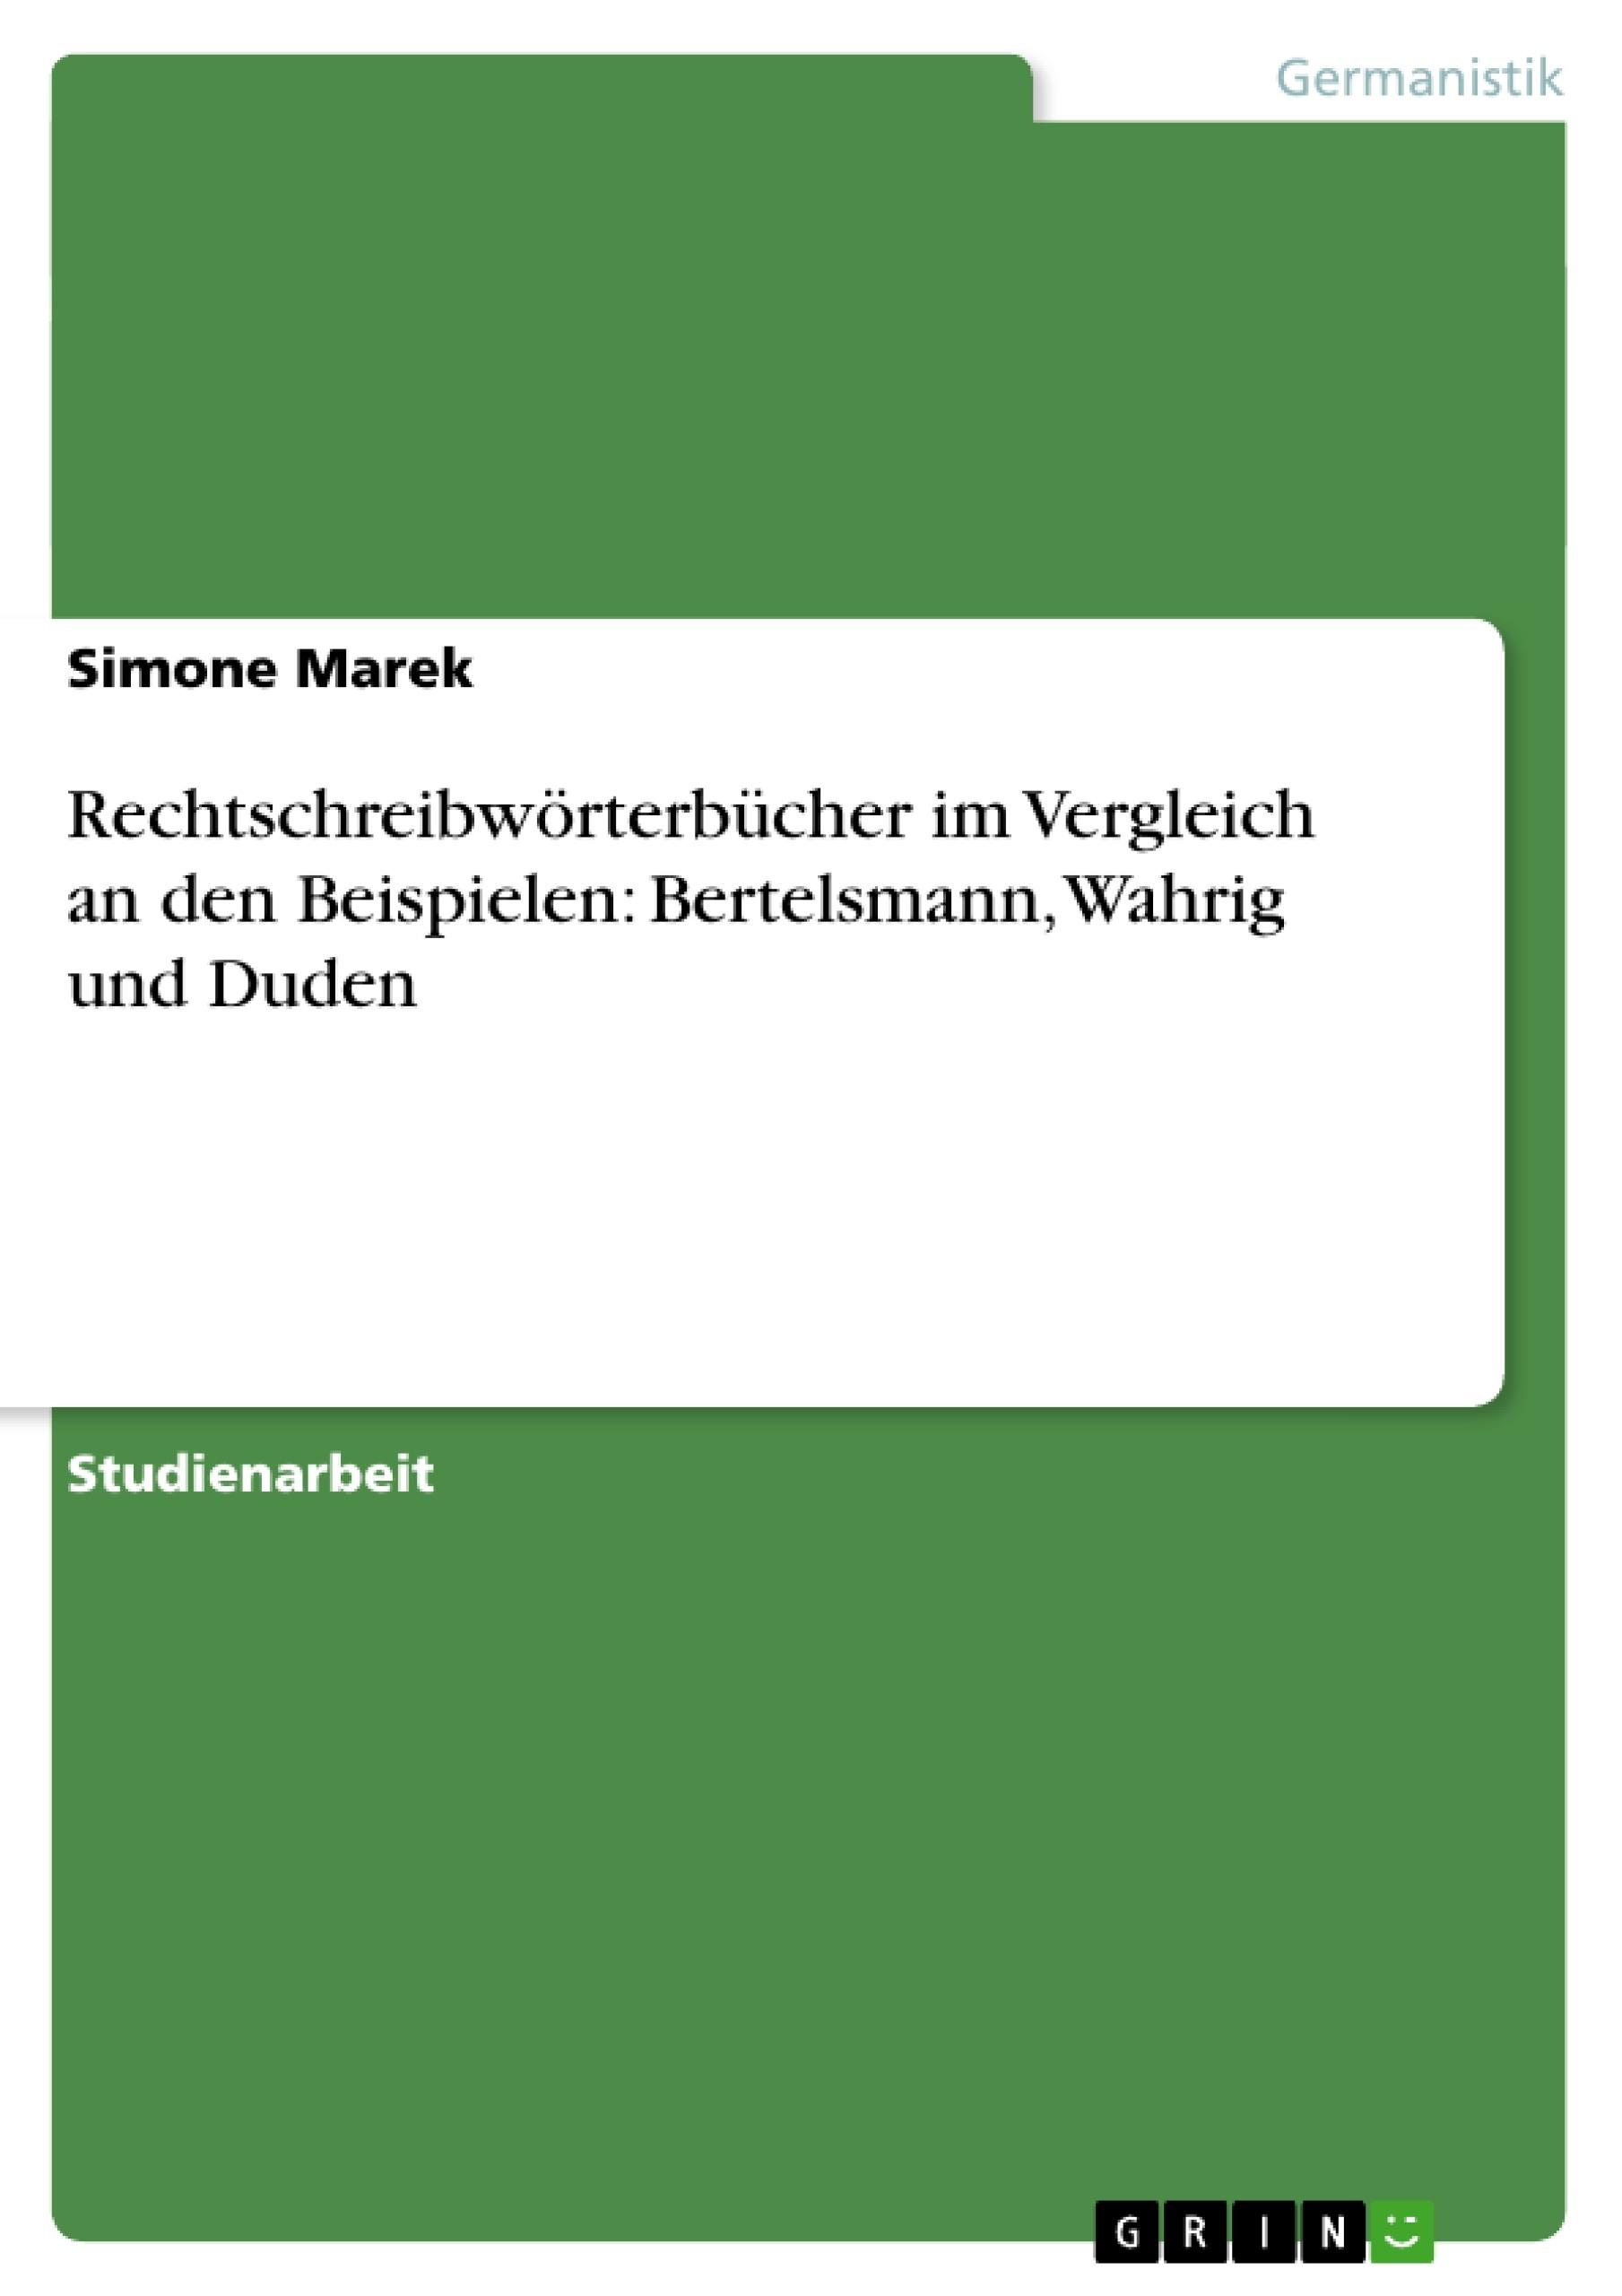 Titel: Rechtschreibwörterbücher im Vergleich an den Beispielen: Bertelsmann, Wahrig und Duden